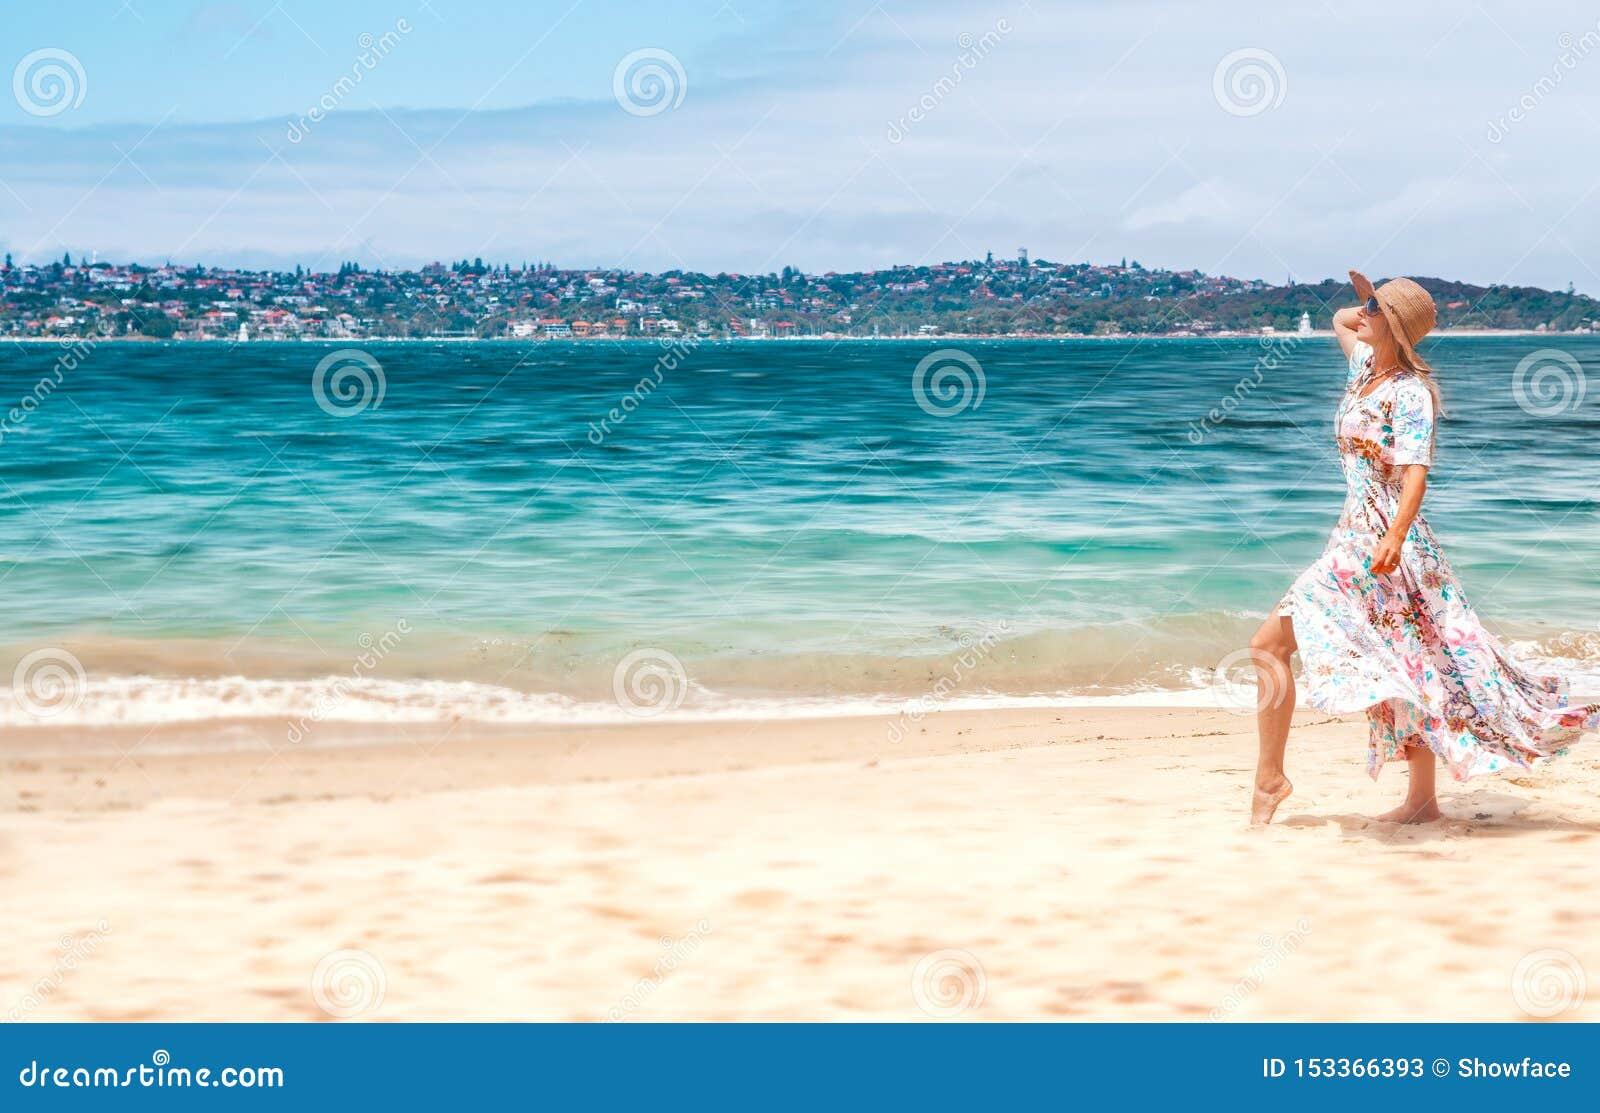 Mujer en vestido que fluye en la playa en Sydney Australia